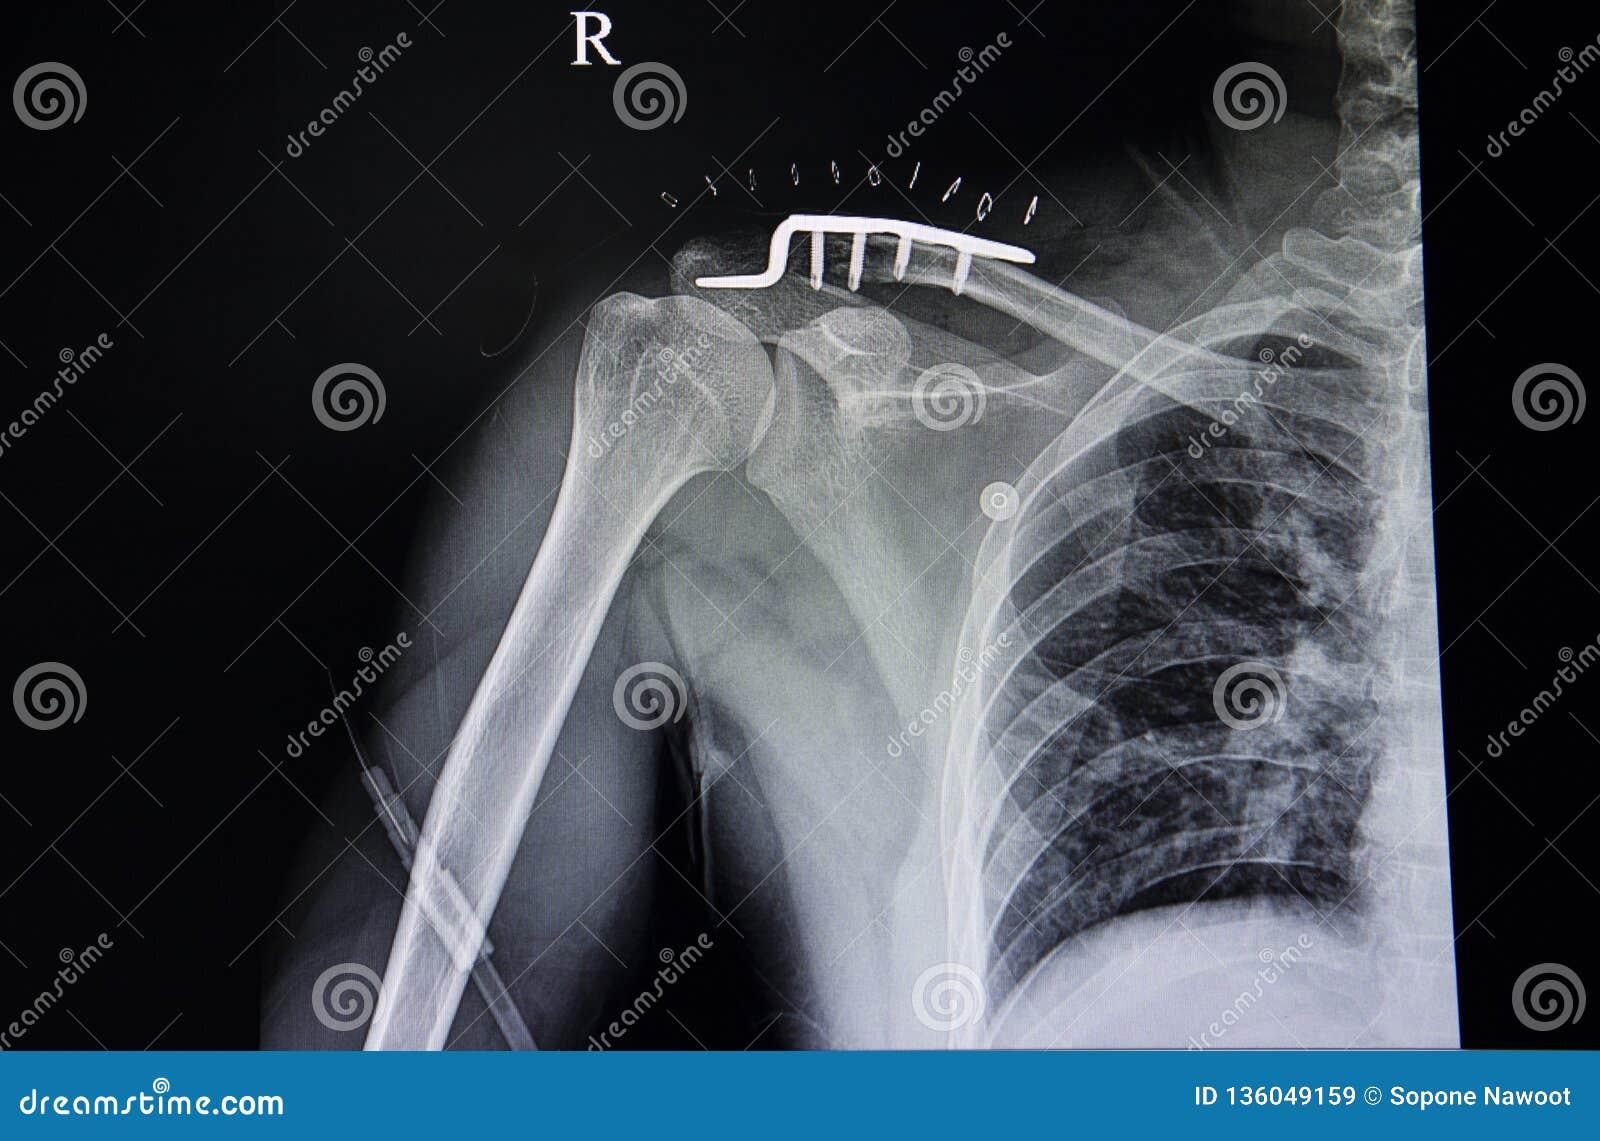 Fractura distal de la clavícula y tuberculosis pulmonar